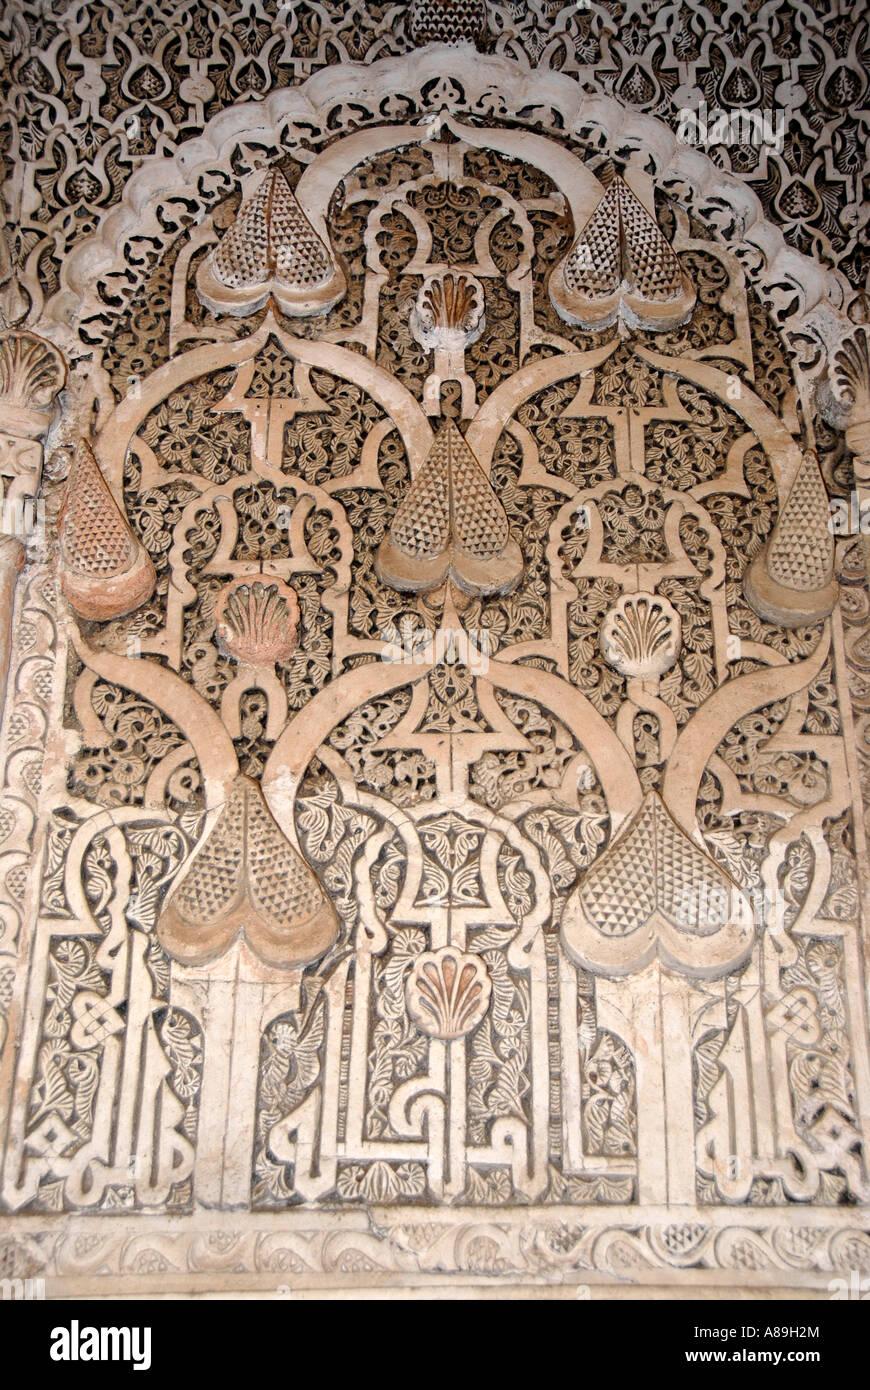 Dettaglio orientali di con raffinati stucchi riccamente decorate mihrab Medersa Ali ben Youssef Medina Marrakech Immagini Stock